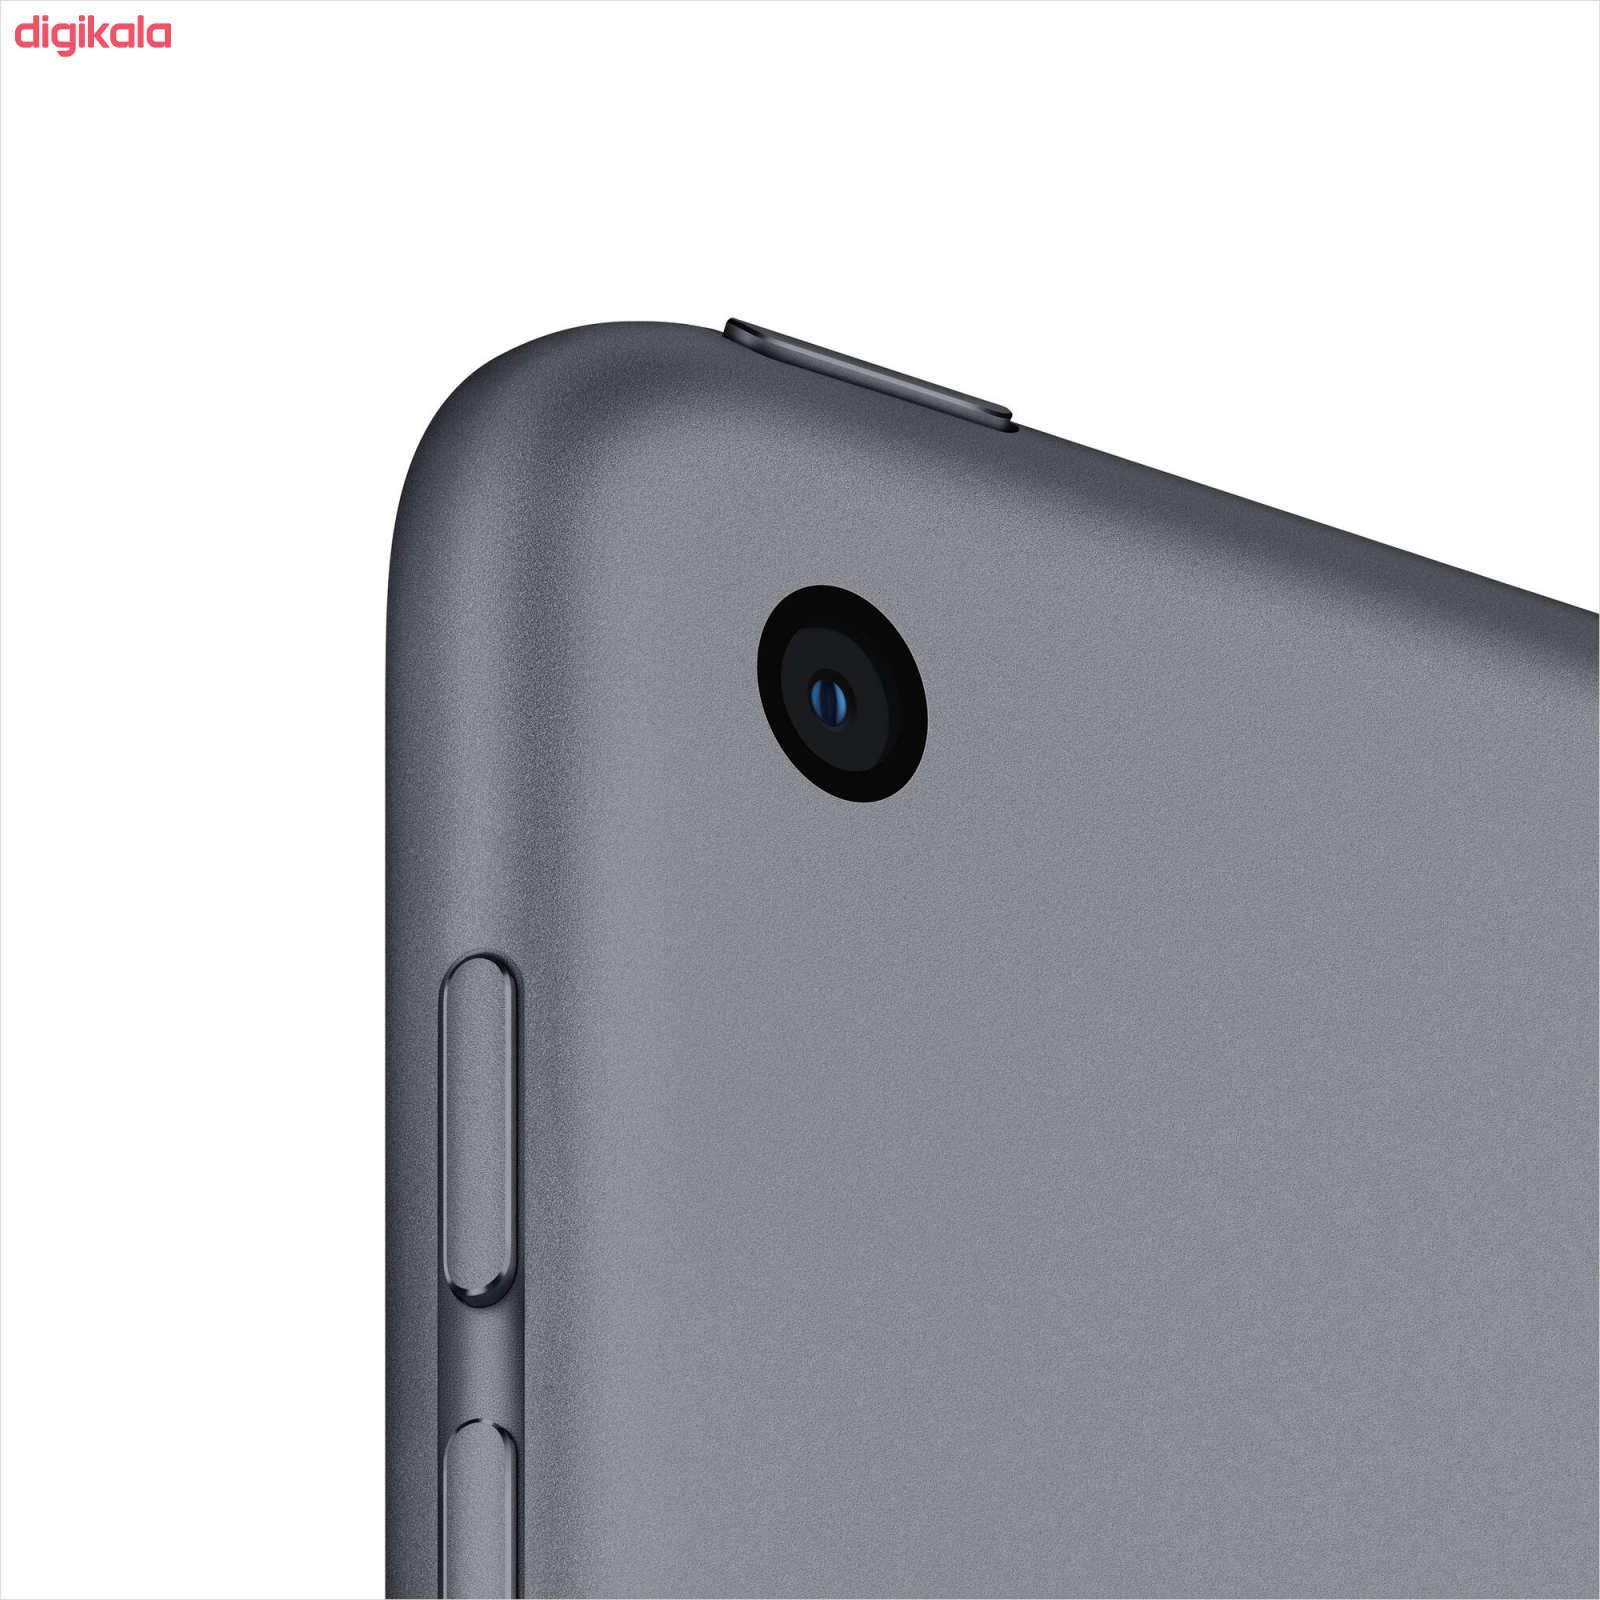 تبلت اپل مدل iPad 10.2 inch 2020 WiFi ظرفیت 128 گیگابایت  main 1 2